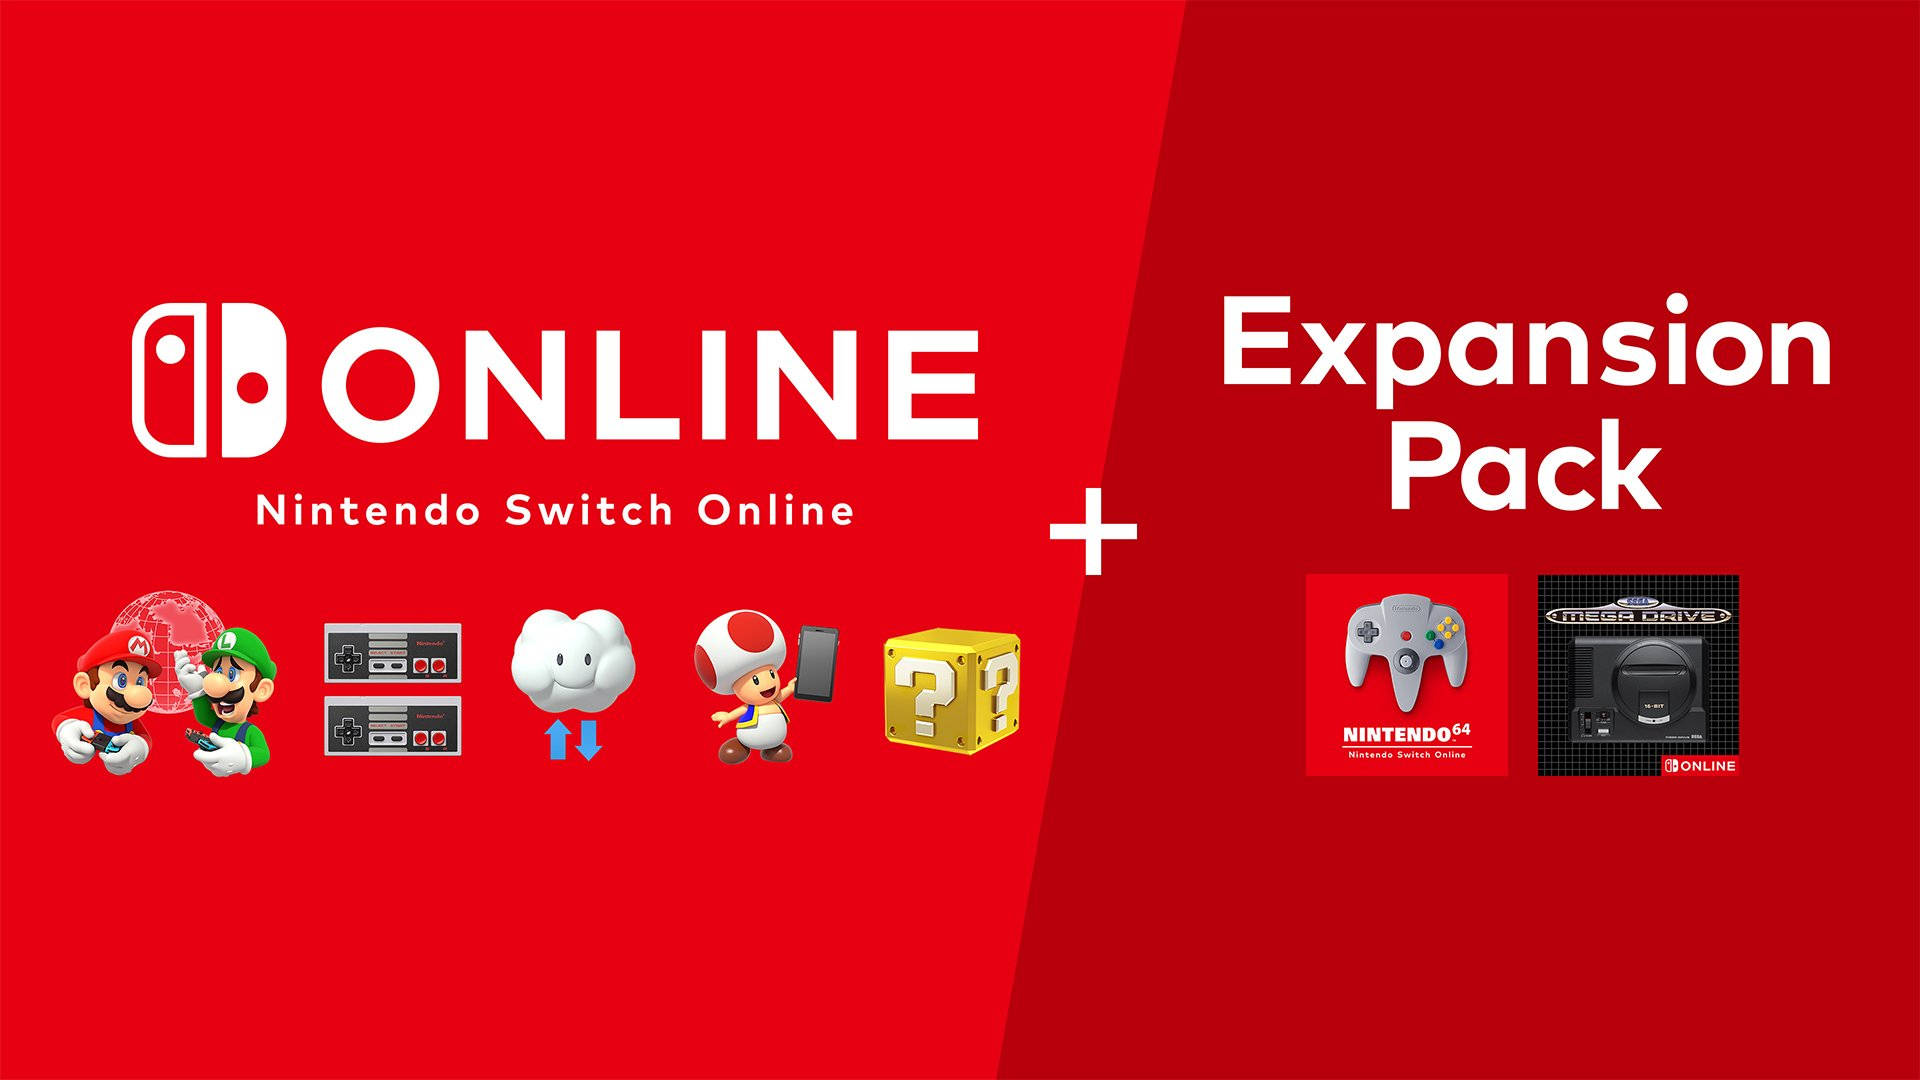 عرضه بازی های نینتندو 64 و سگا جنسیس برای سرویس نینتندو سوییچ آنلاین